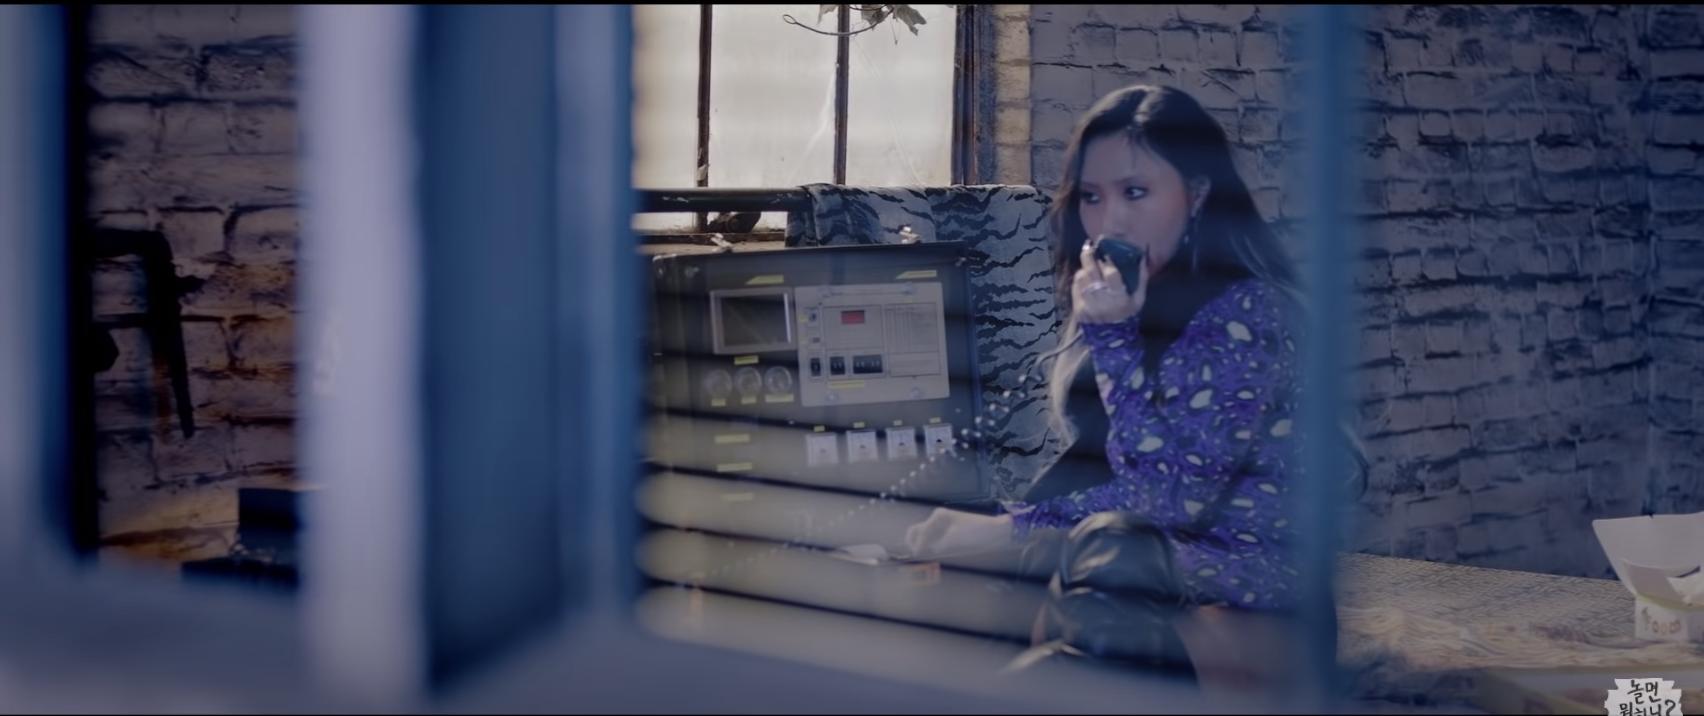 'Chất chơi' nhóm nhạc mới của Lee Hyori - Hwasa, quảng bá xong xuôi, phá đảo mọi BXH mới tung MV 4